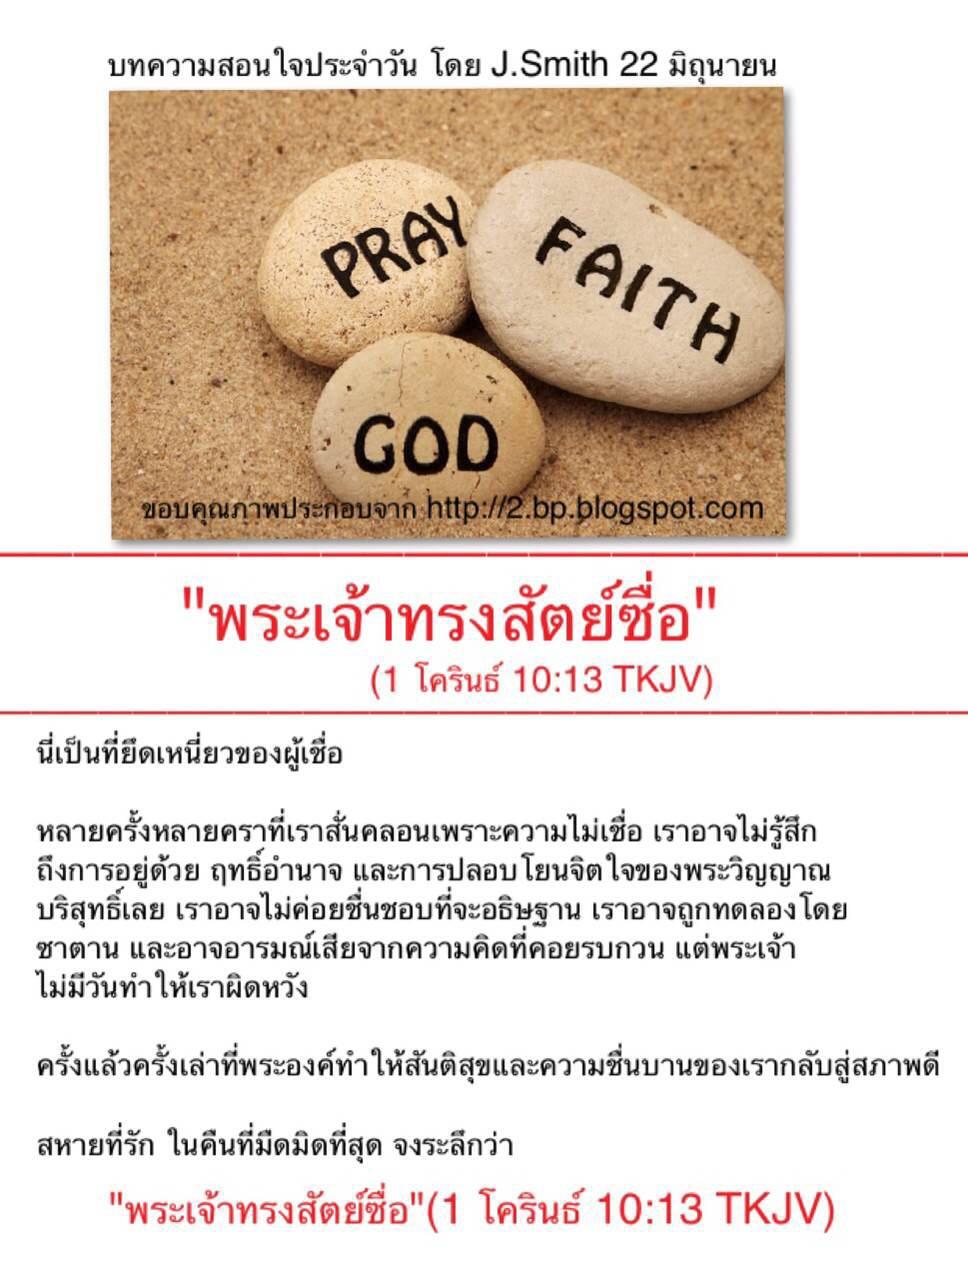 """""""พระเจ้าทรงสัตย์ซื่อ"""" (1 โครินธ์ 10:13)"""